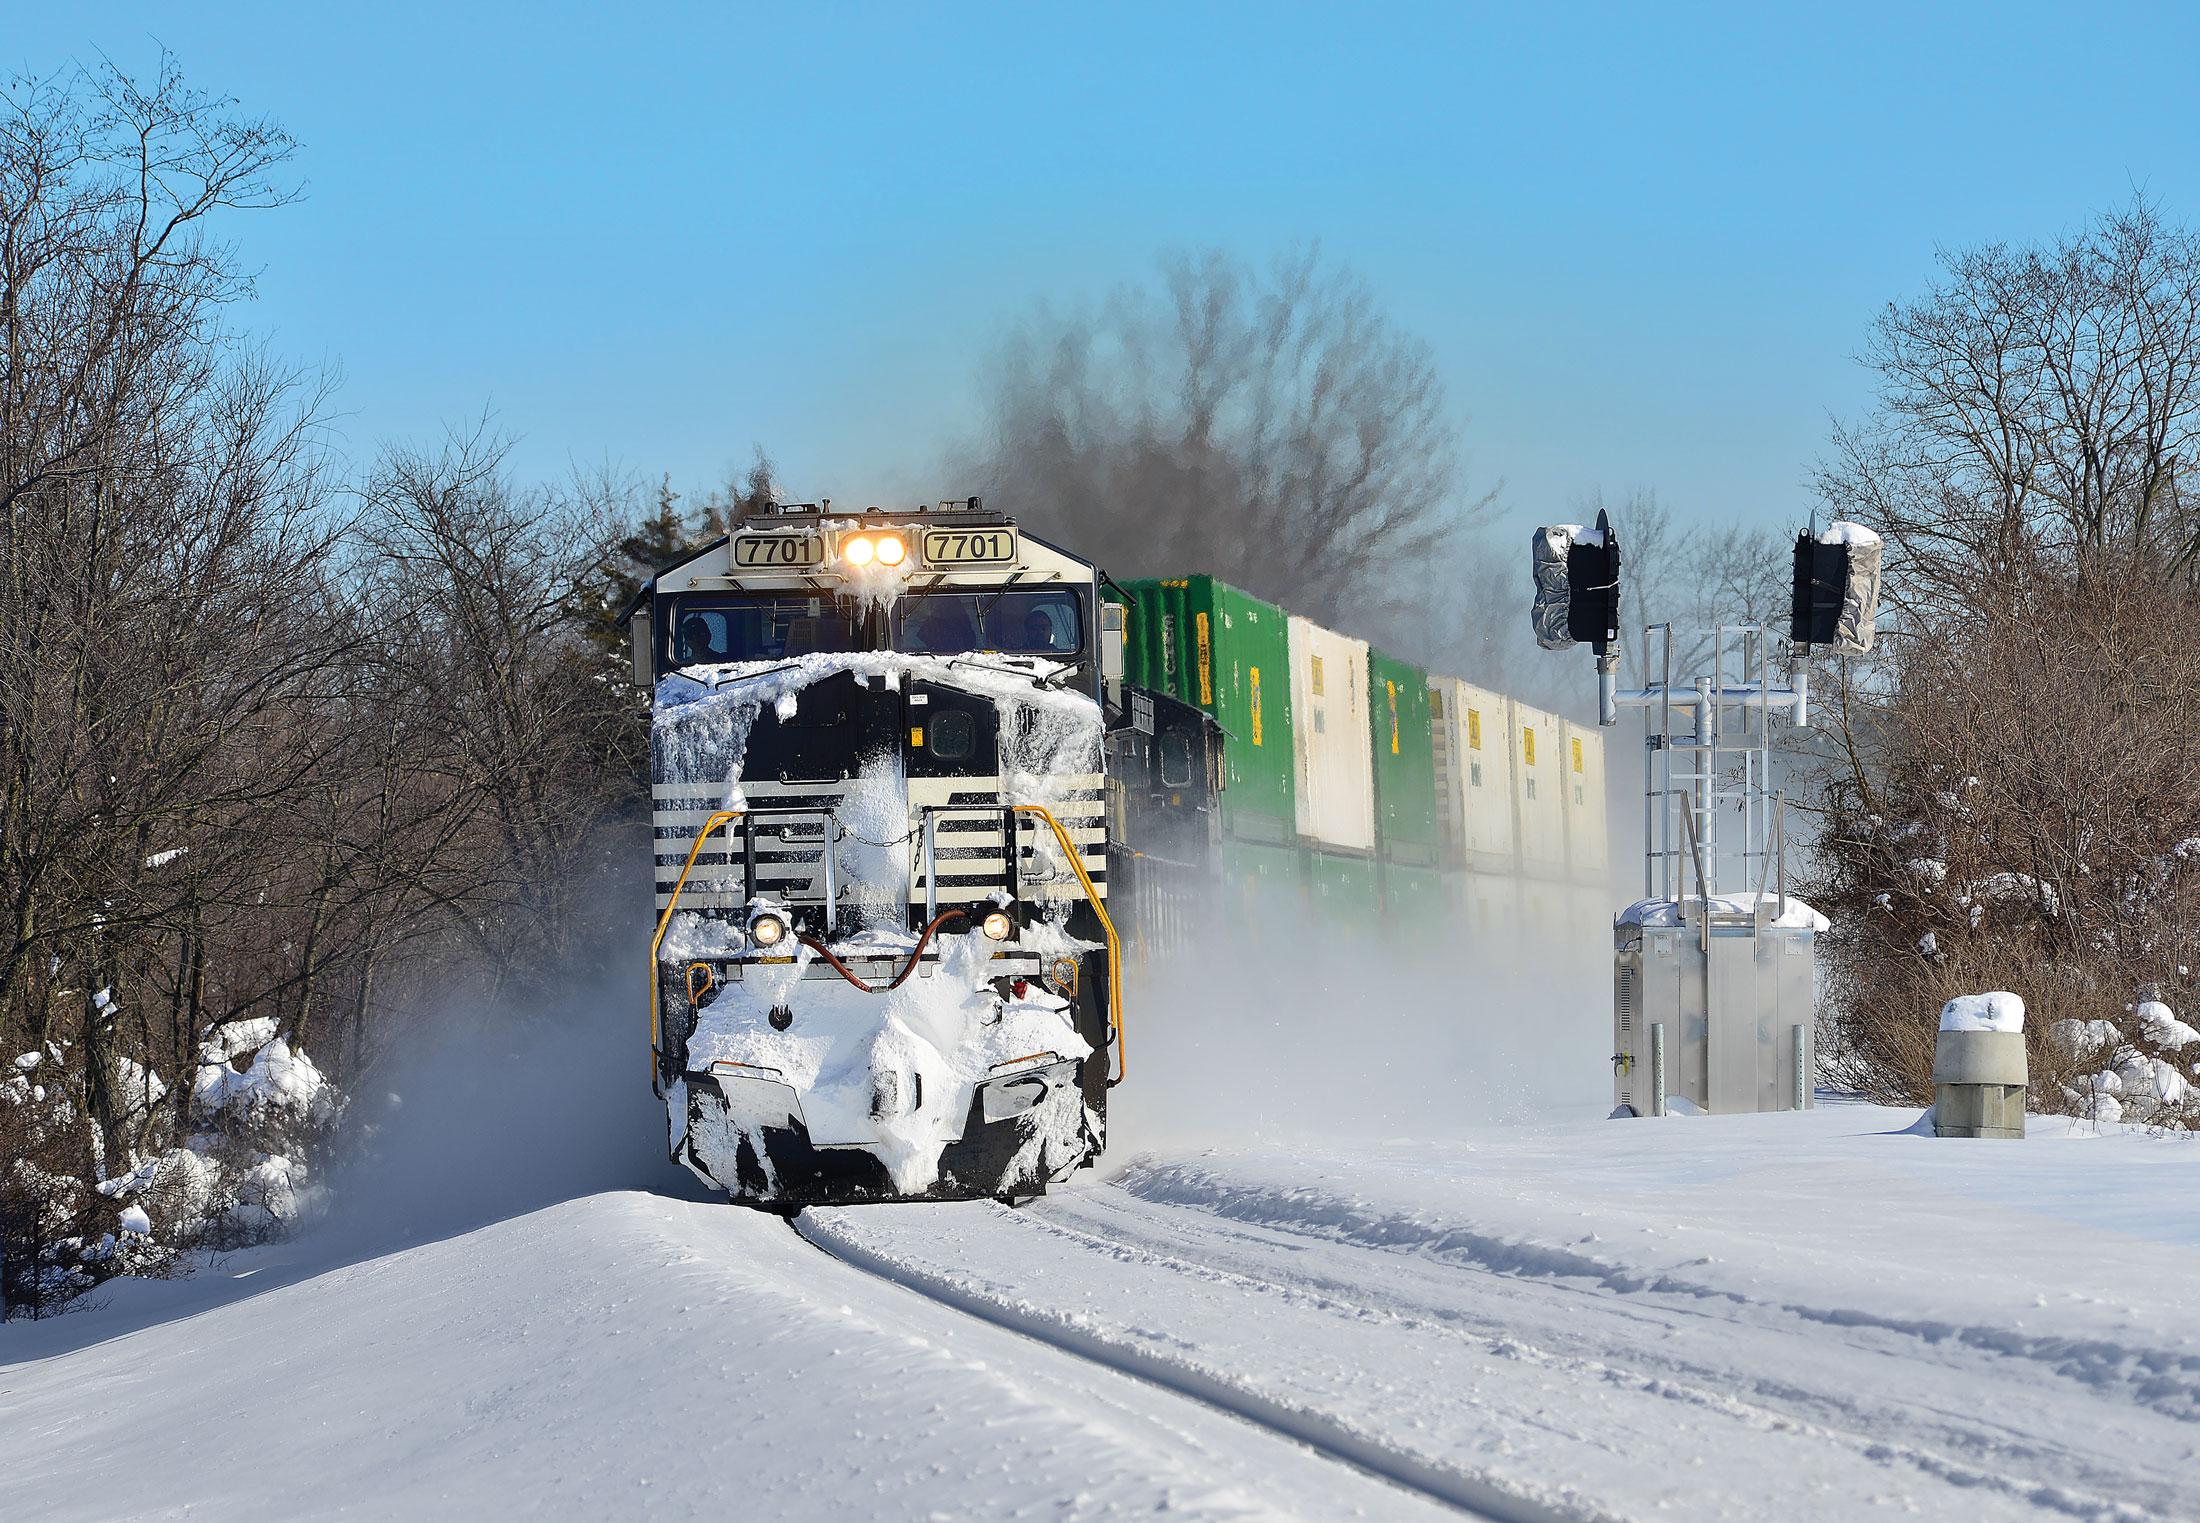 Locomotive pushing through snow.